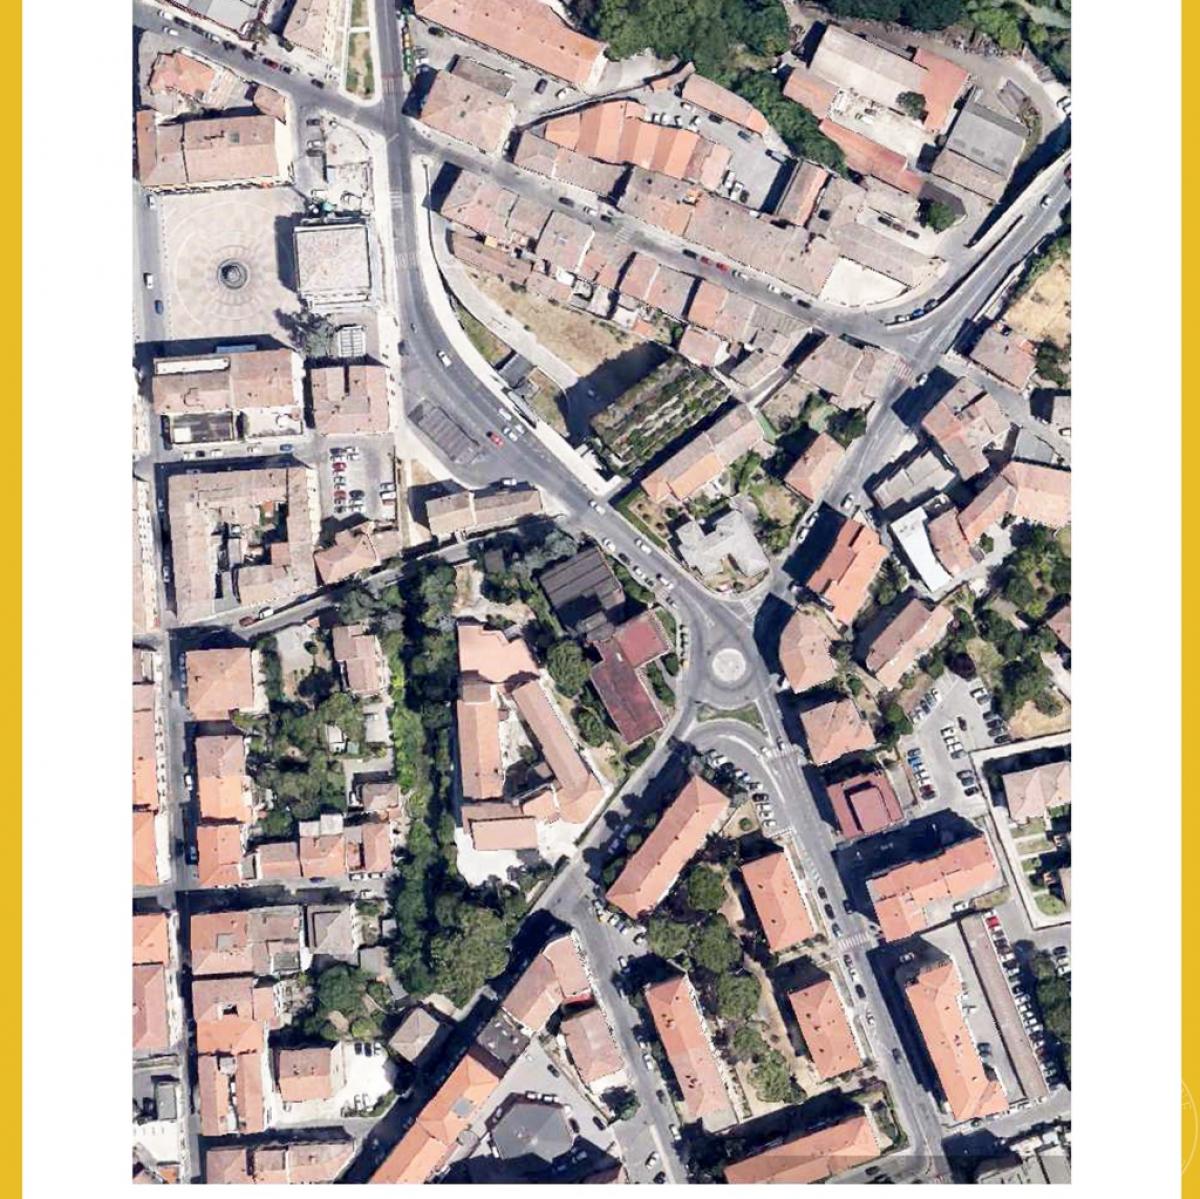 Parcheggio interrato a COLLE VAL D'ELSA, via XXV Aprile  - Lotto 1 COLLE BASSA